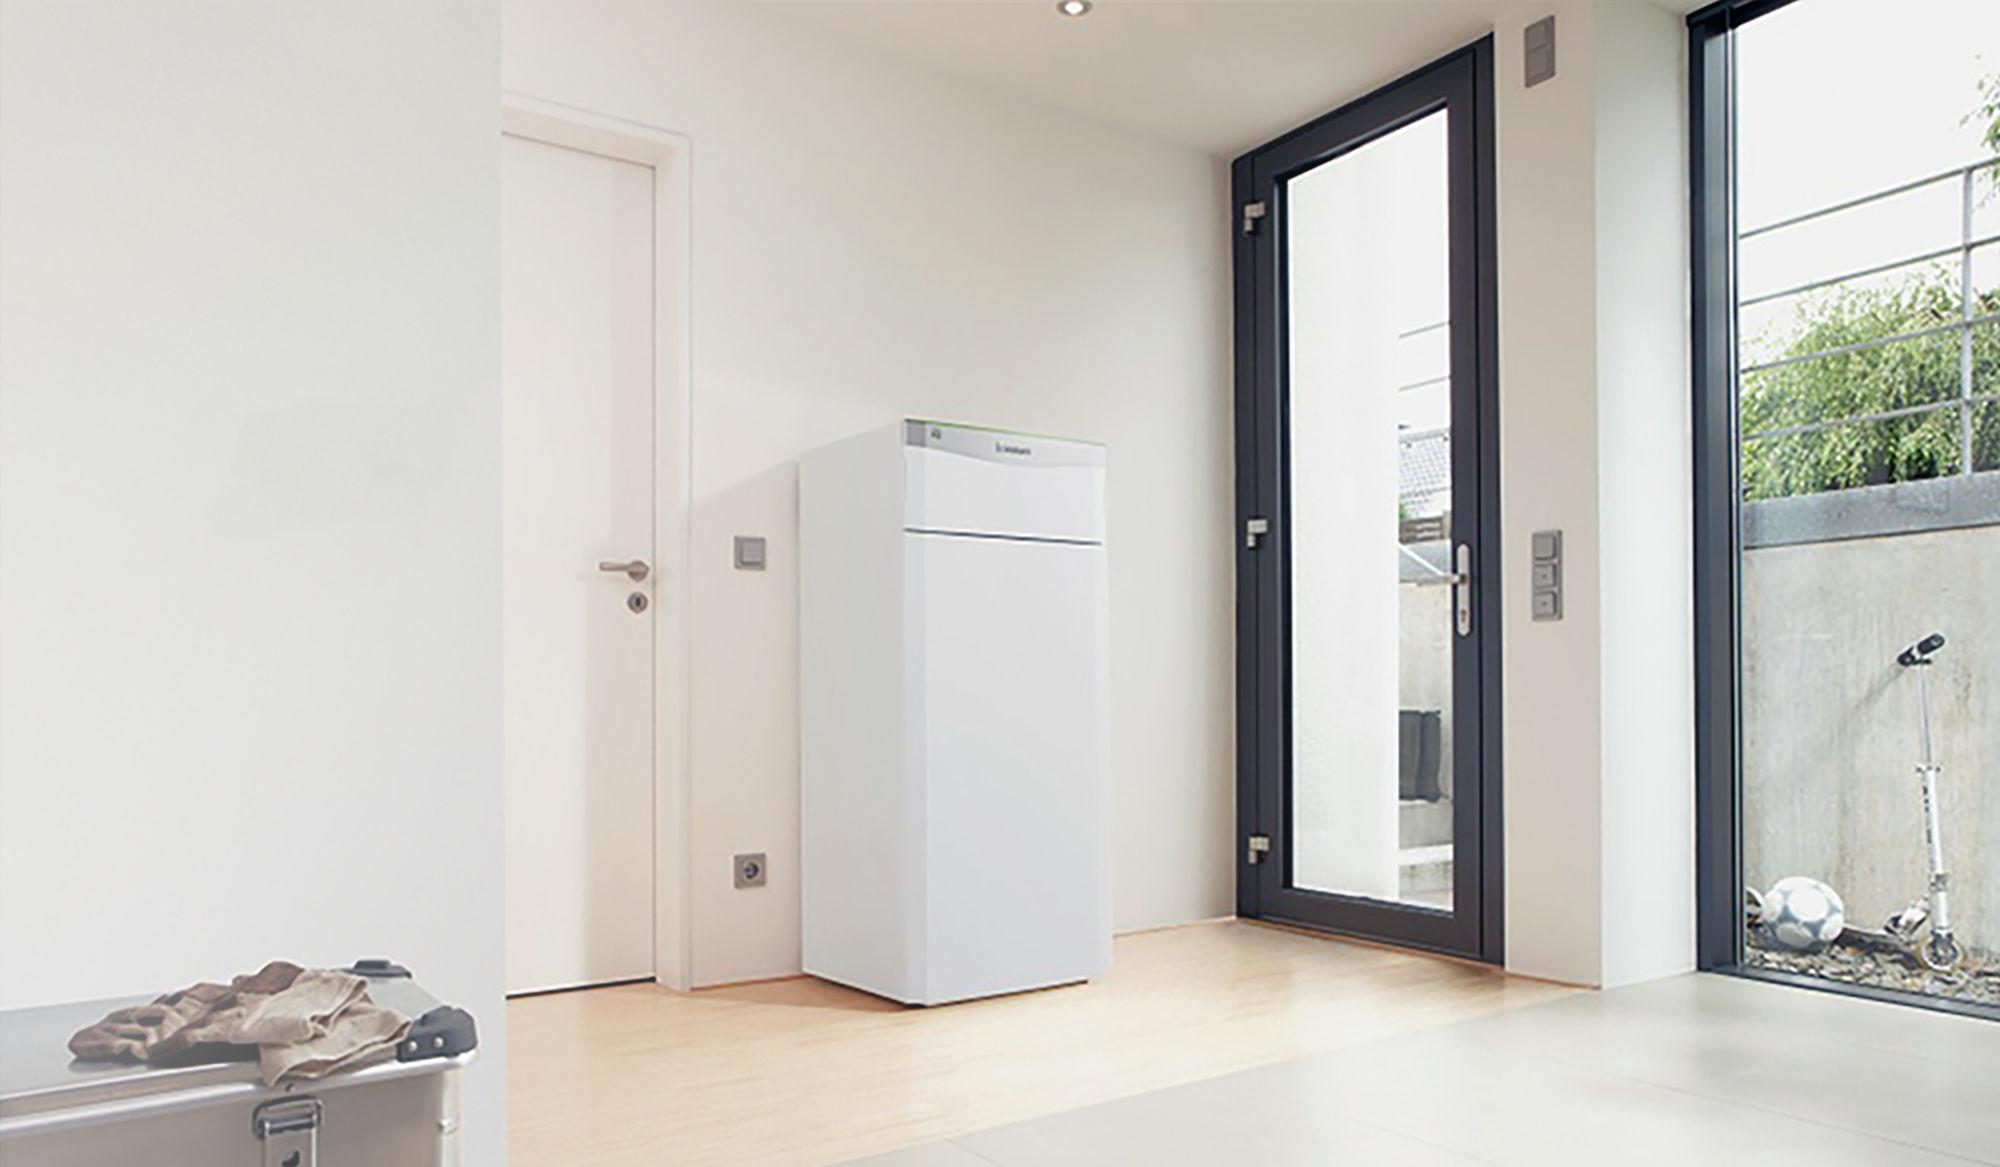 Chauffage et climatisation intelligent dans votre maison